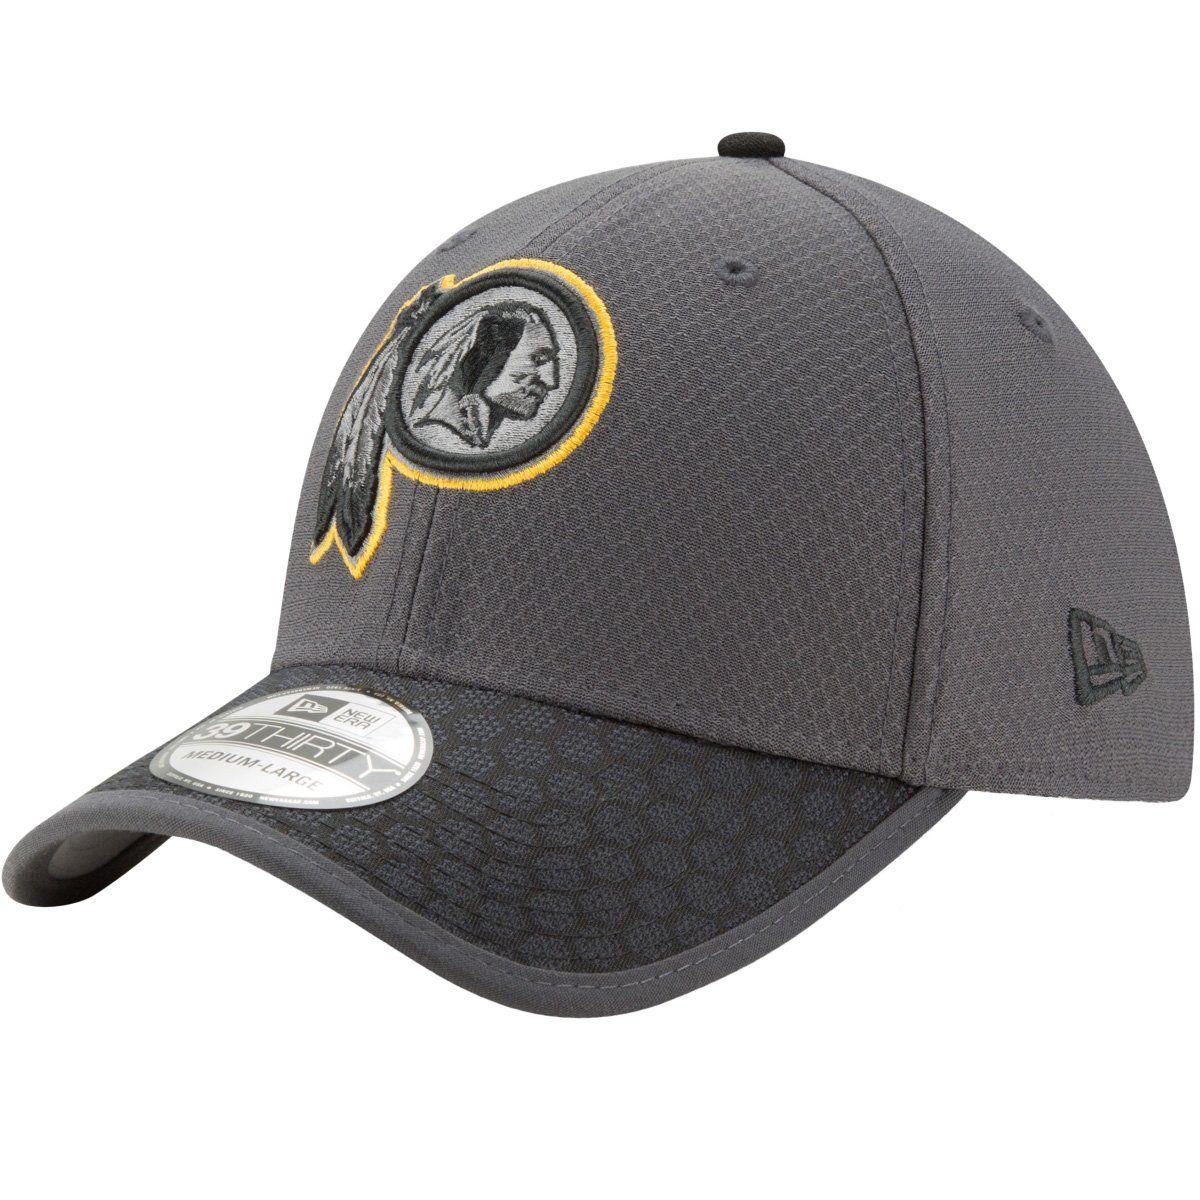 amfoo - New Era 39Thirty Cap - NFL 2017 SIDELINE Washington Redskins